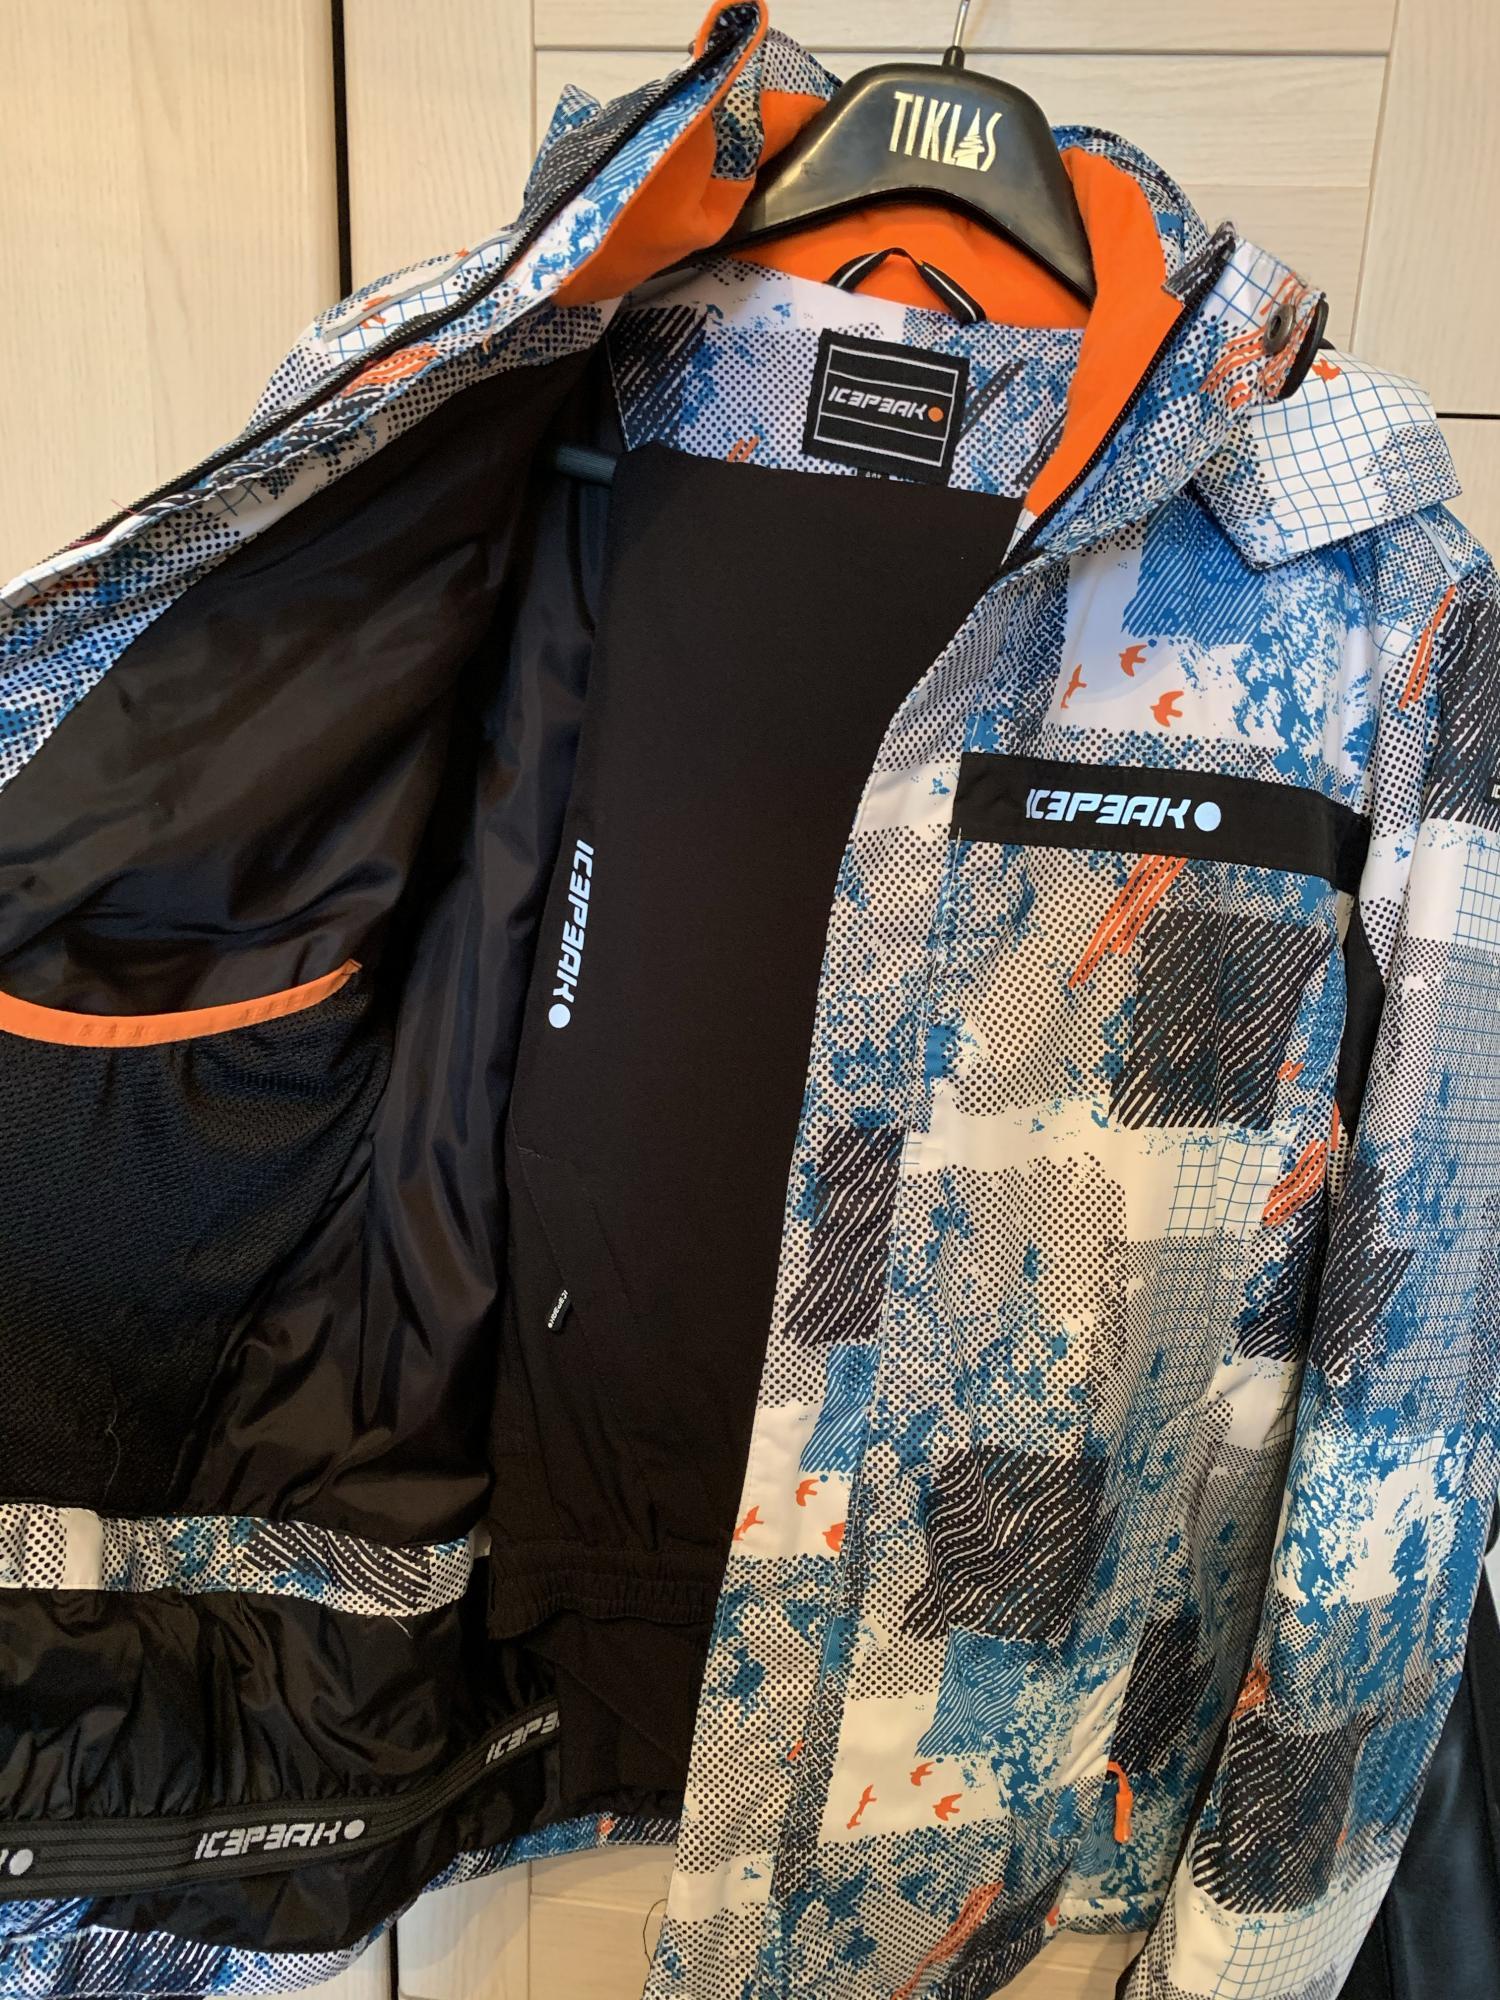 Костюм горнолыжный Icepeak 176 в Одинцово 89165661813 купить 2